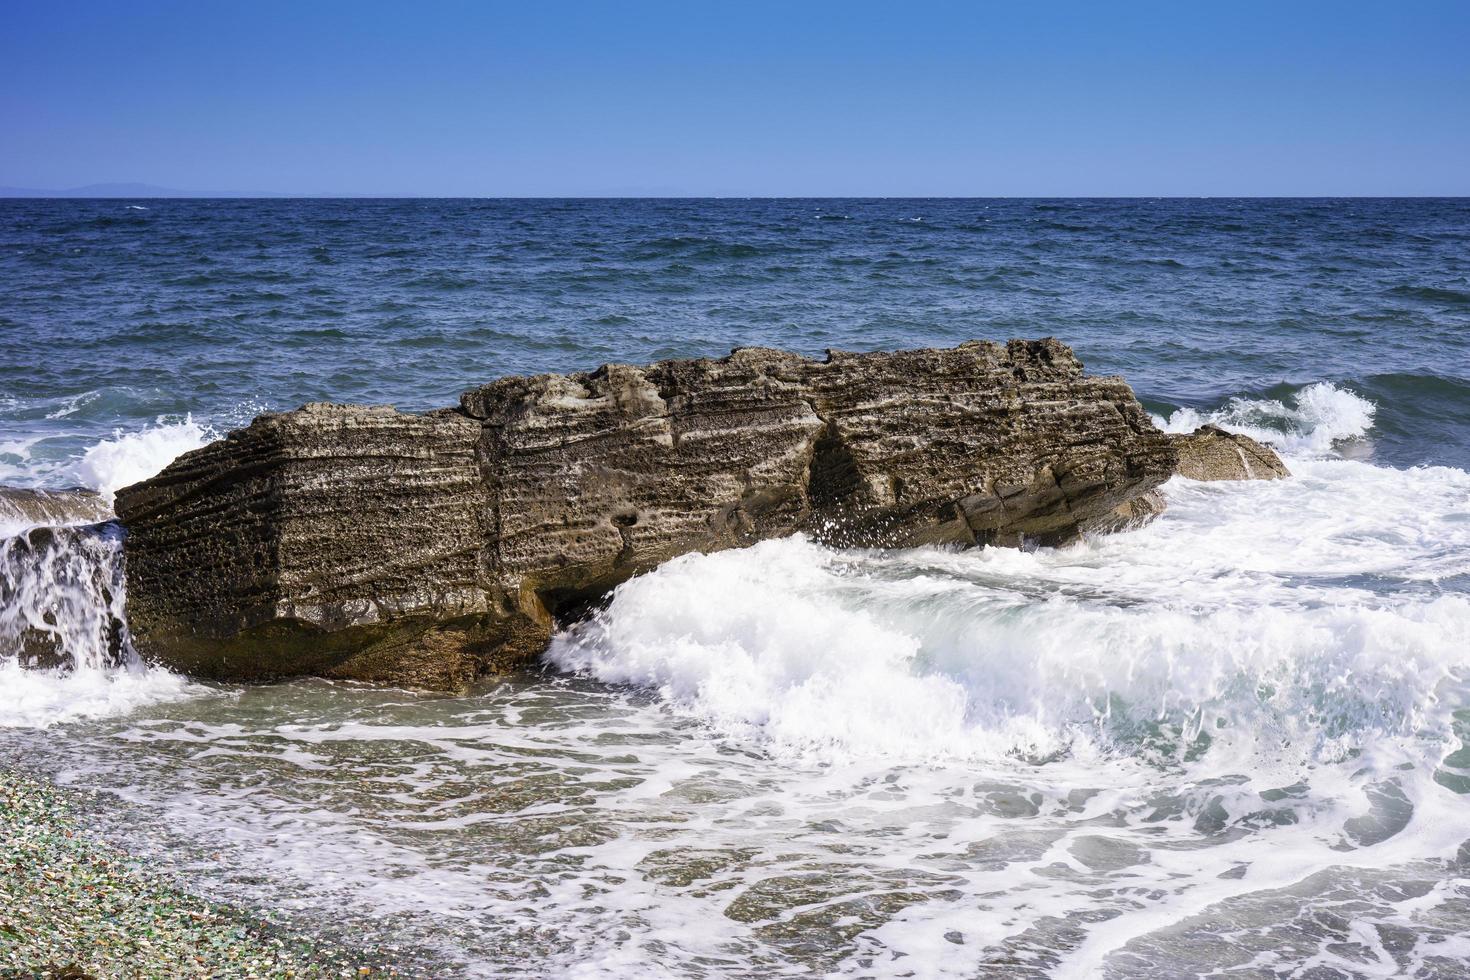 vista sul mare con una roccia tra le onde. foto